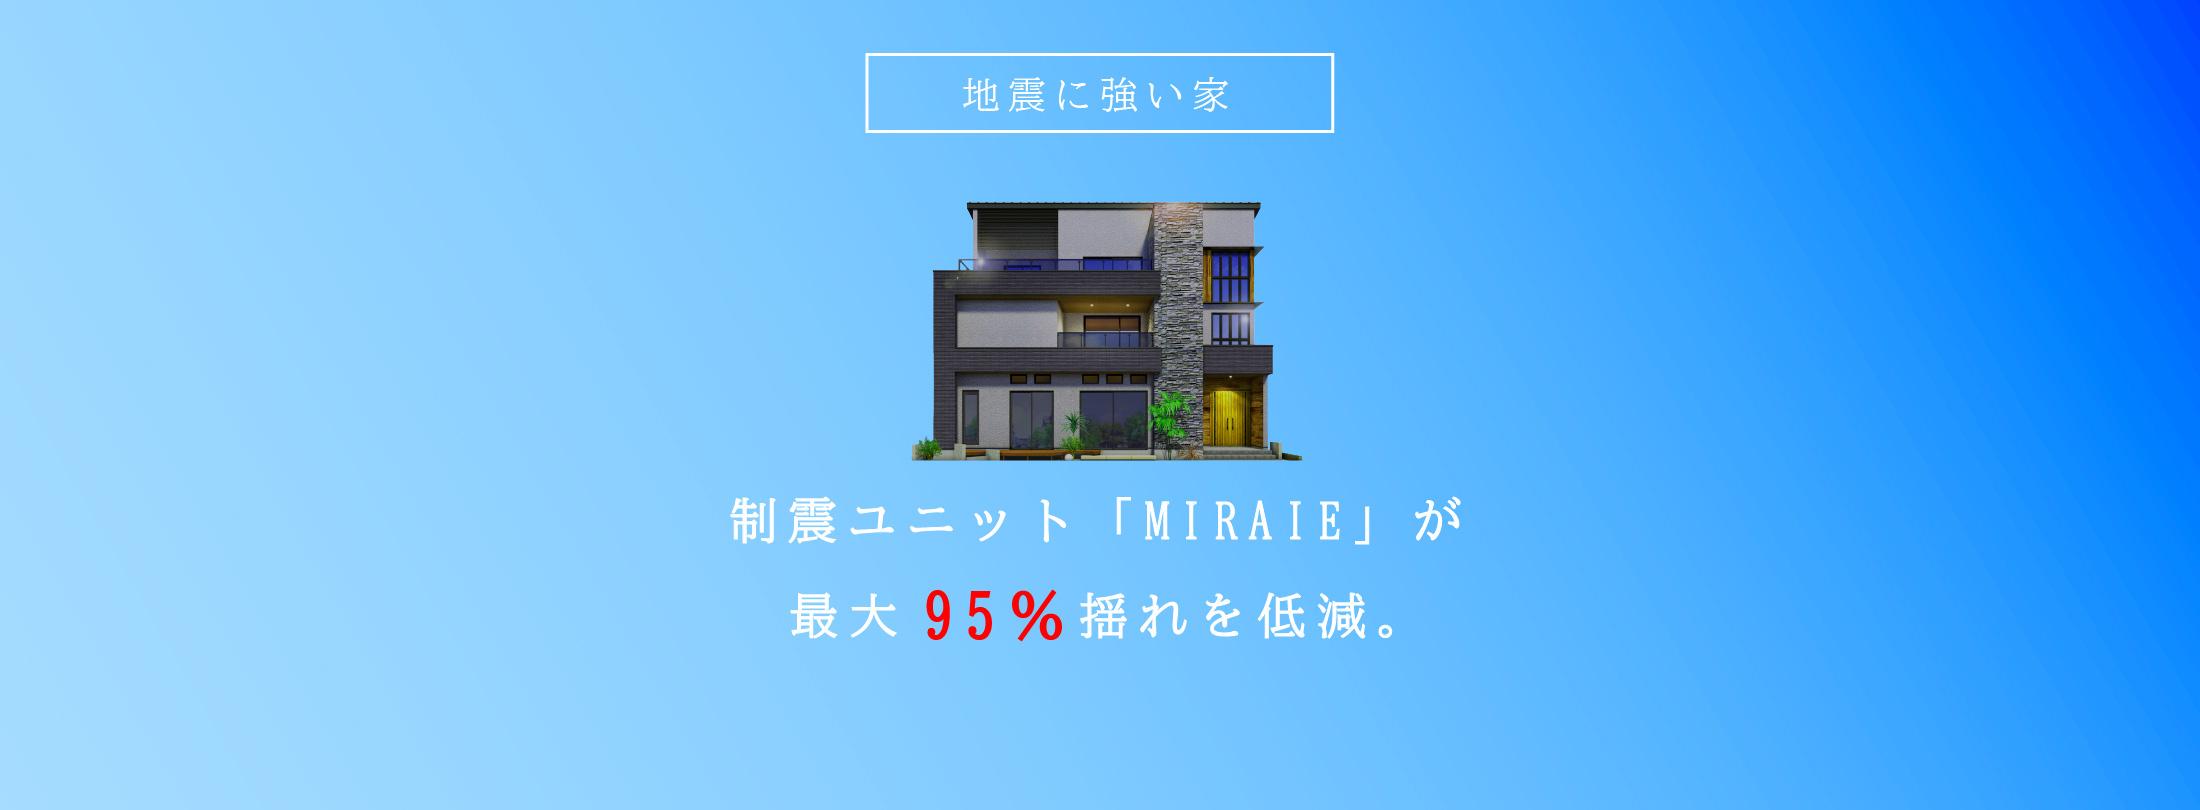 制震ユニットMIRAIE ゴムの技術で家と人と未来を守る